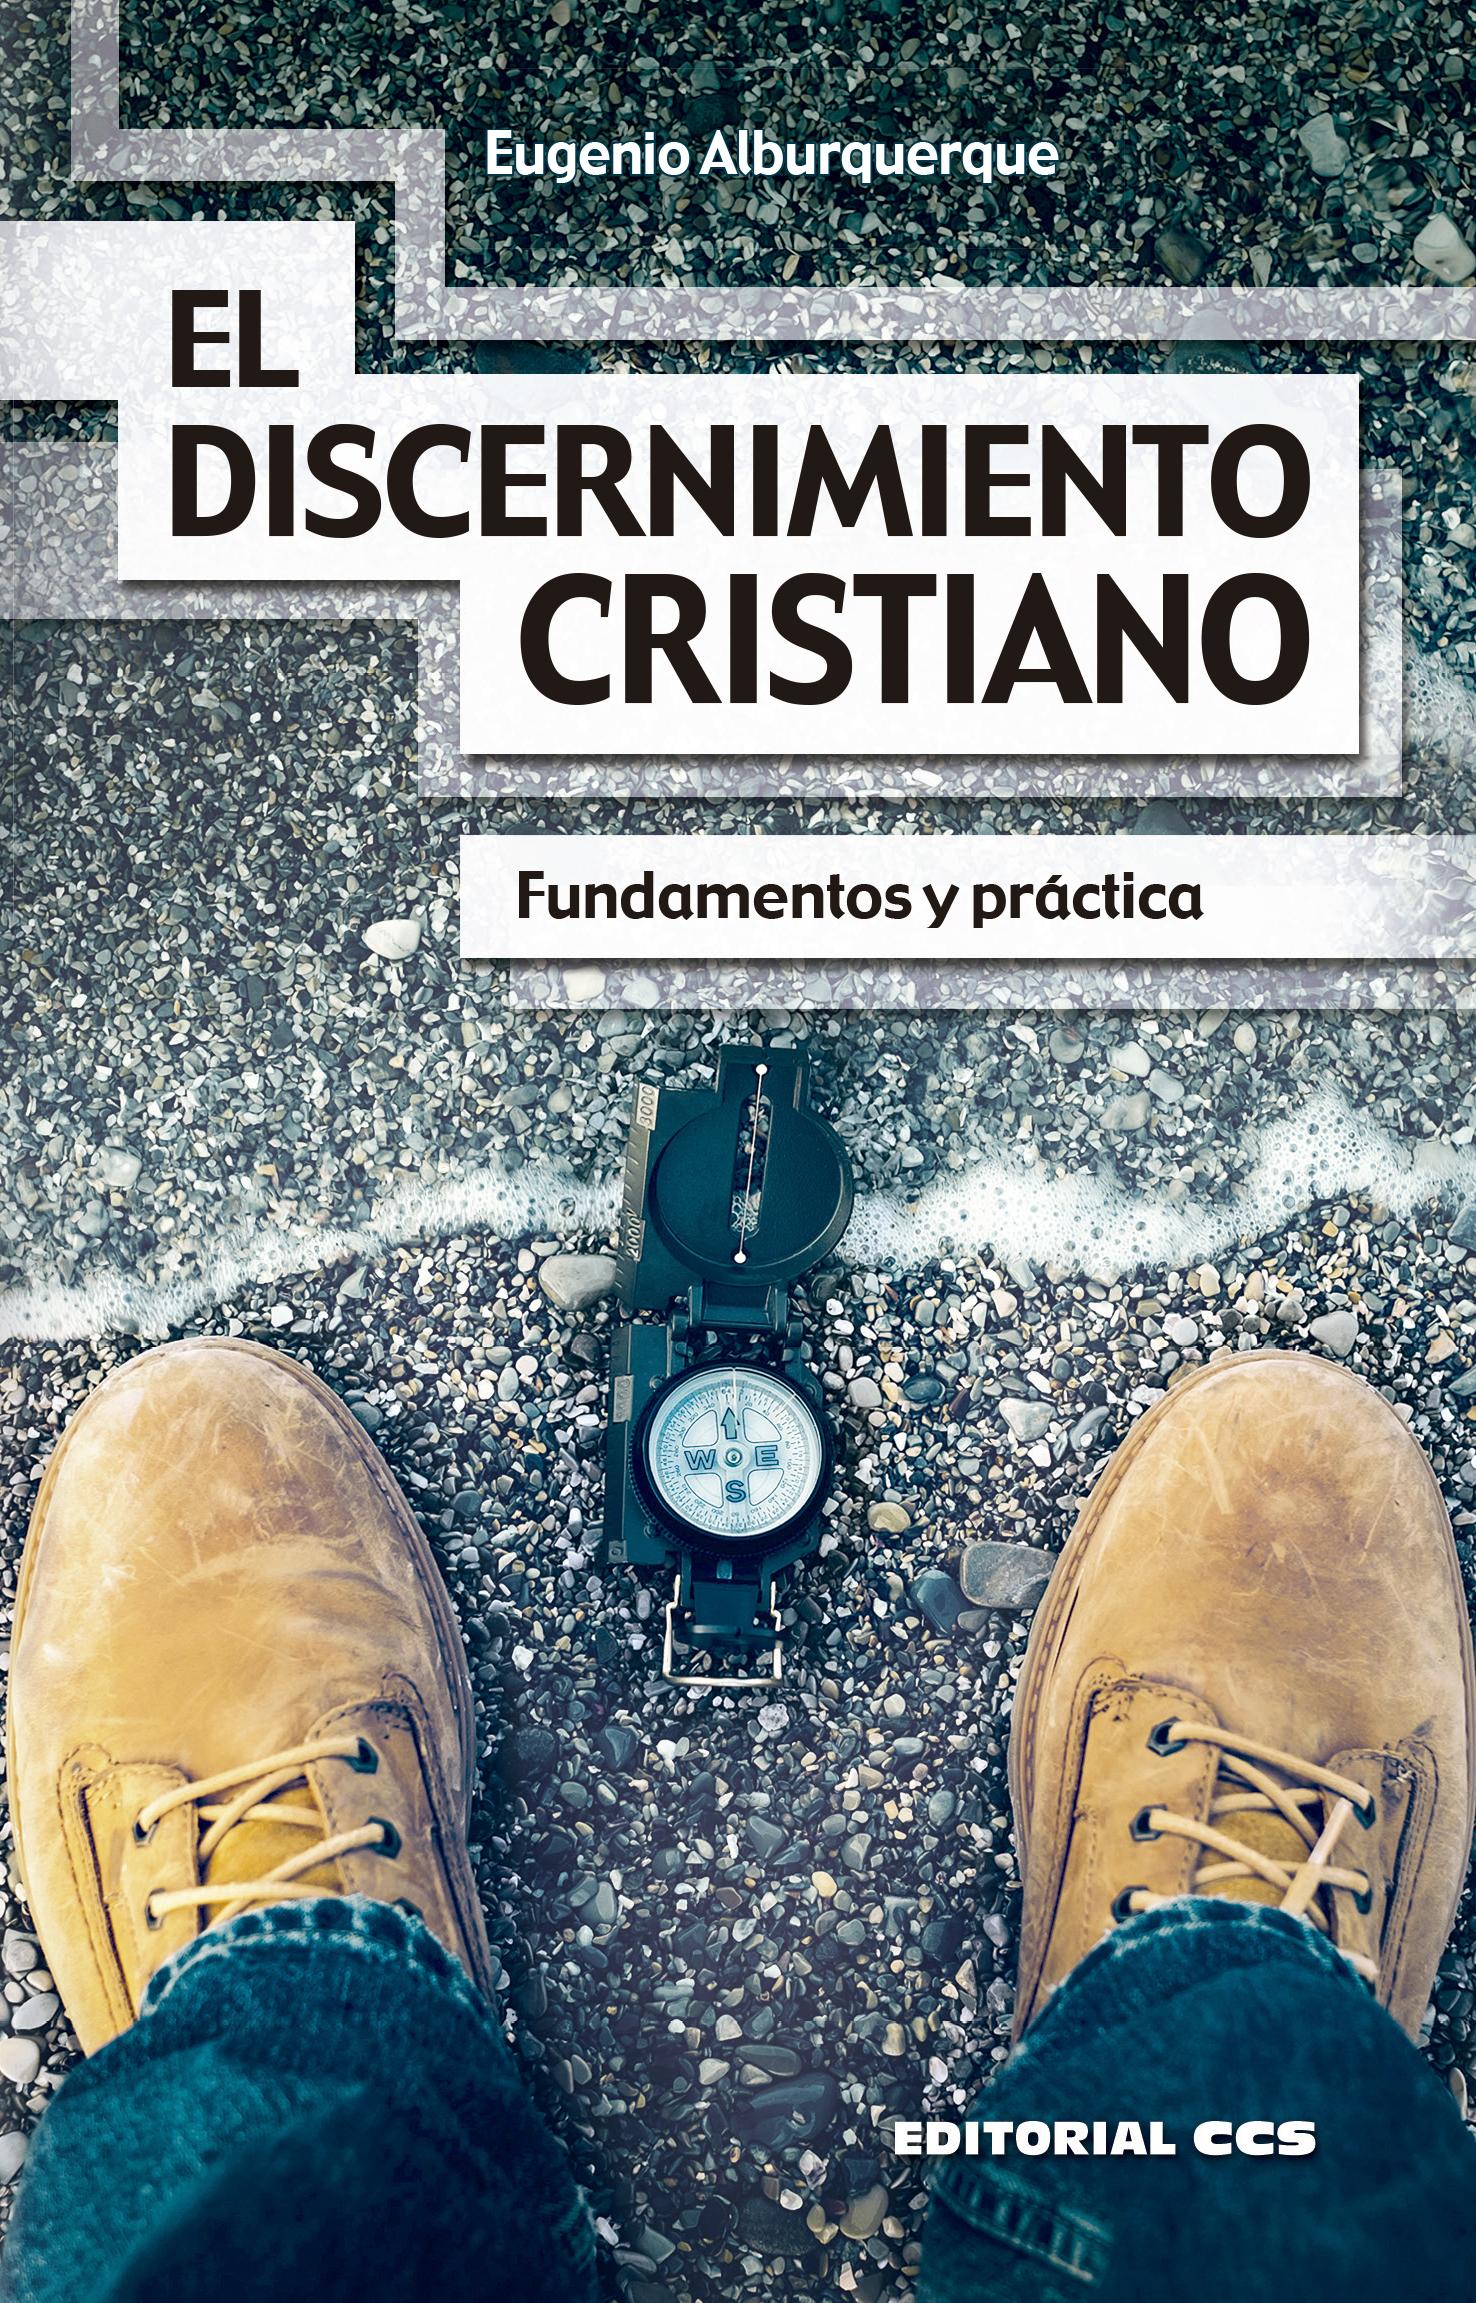 El discernimiento cristiano   «Fundamentos y práctica»